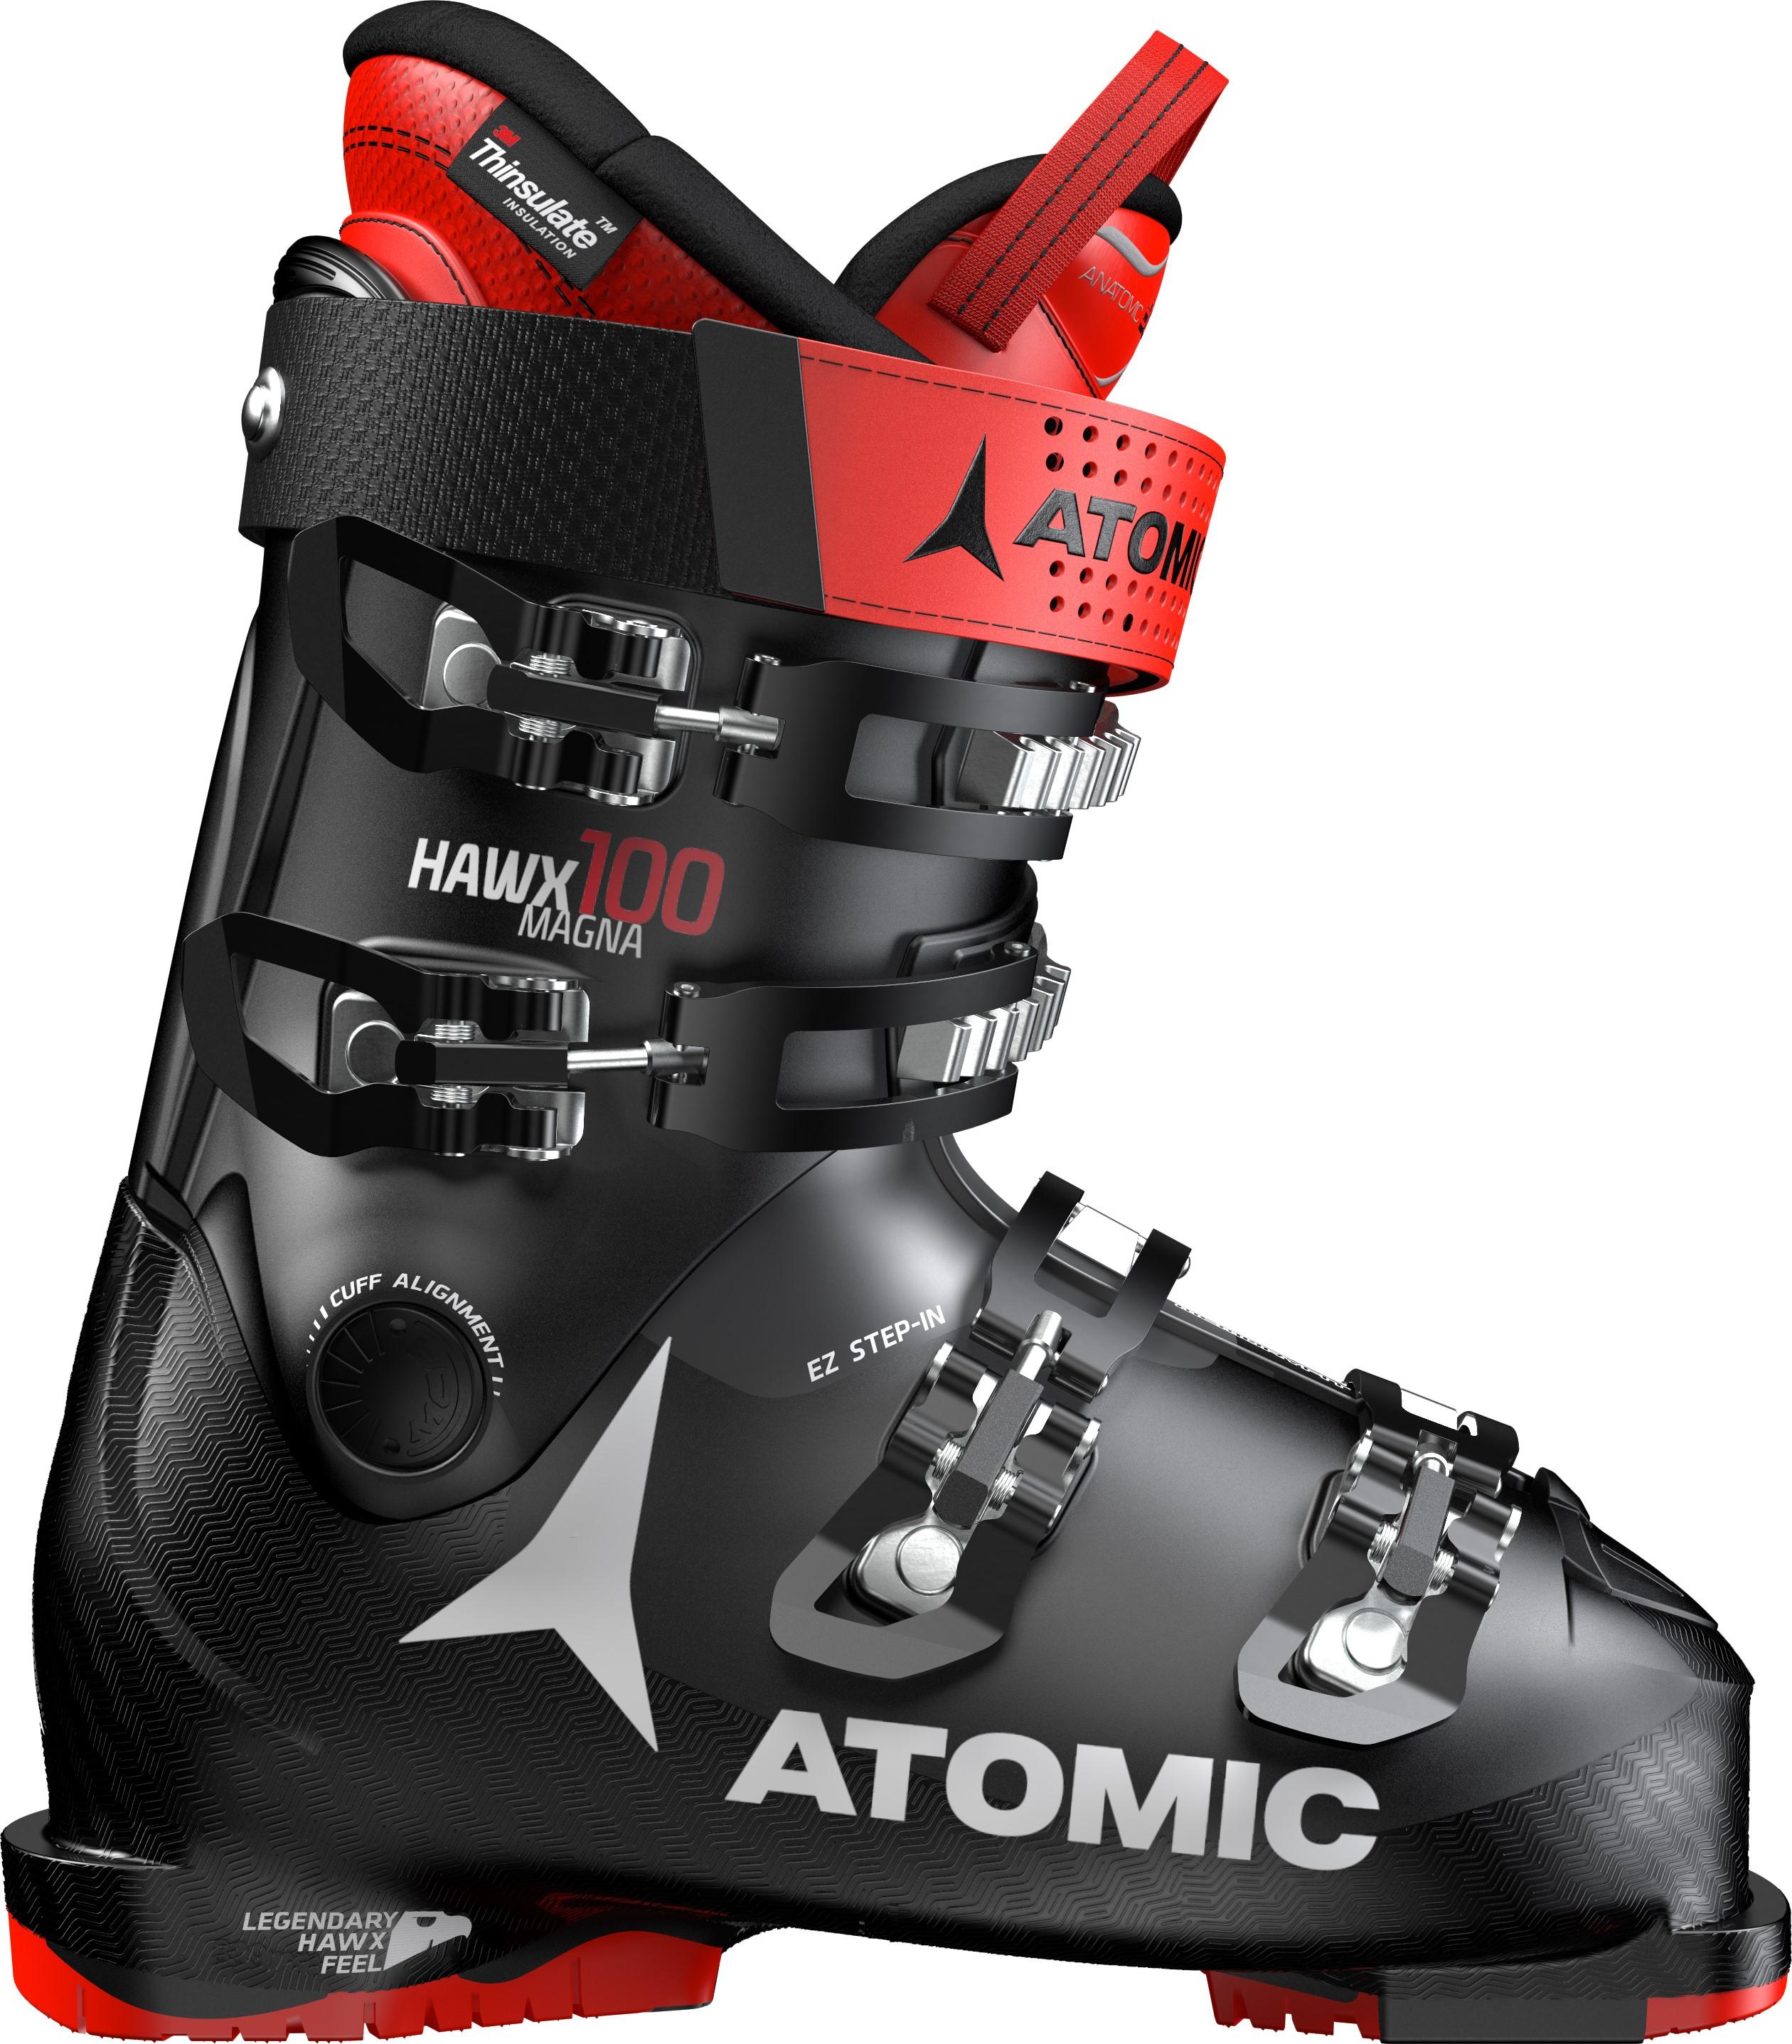 401e893ecba3 Купить горнолыжные ботинки ATOMIC в магазине «Горные вершины» в ...